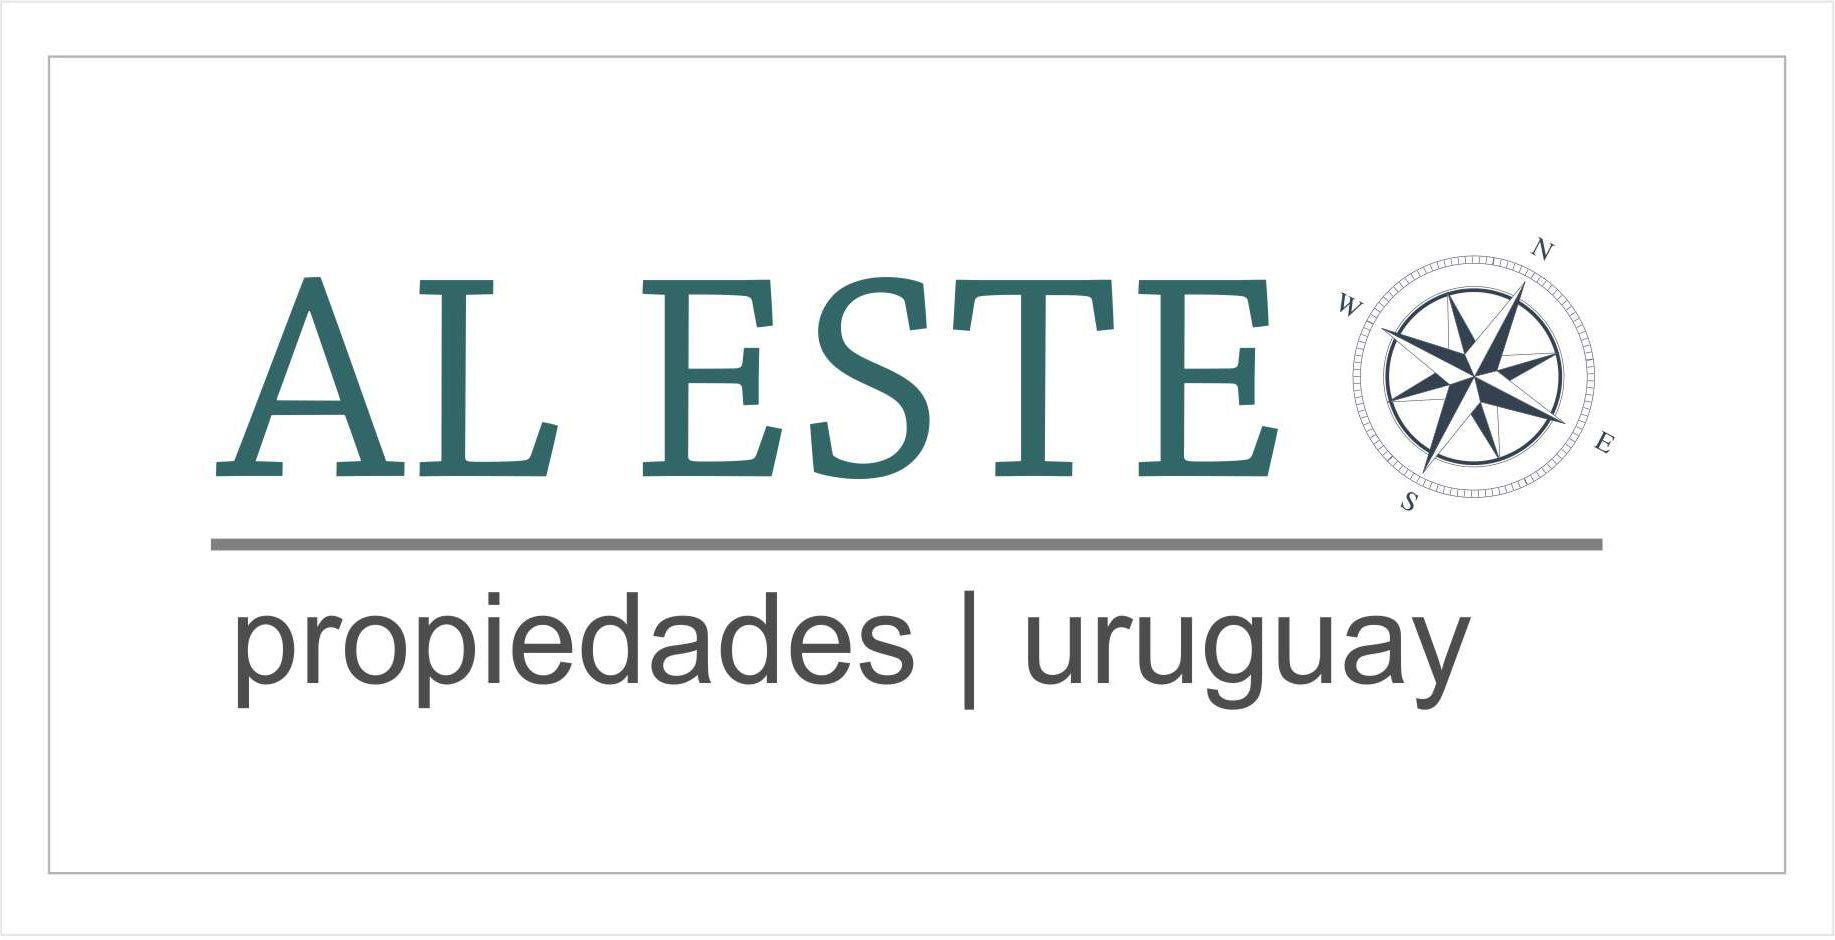 Logo de  Alestepropiedades